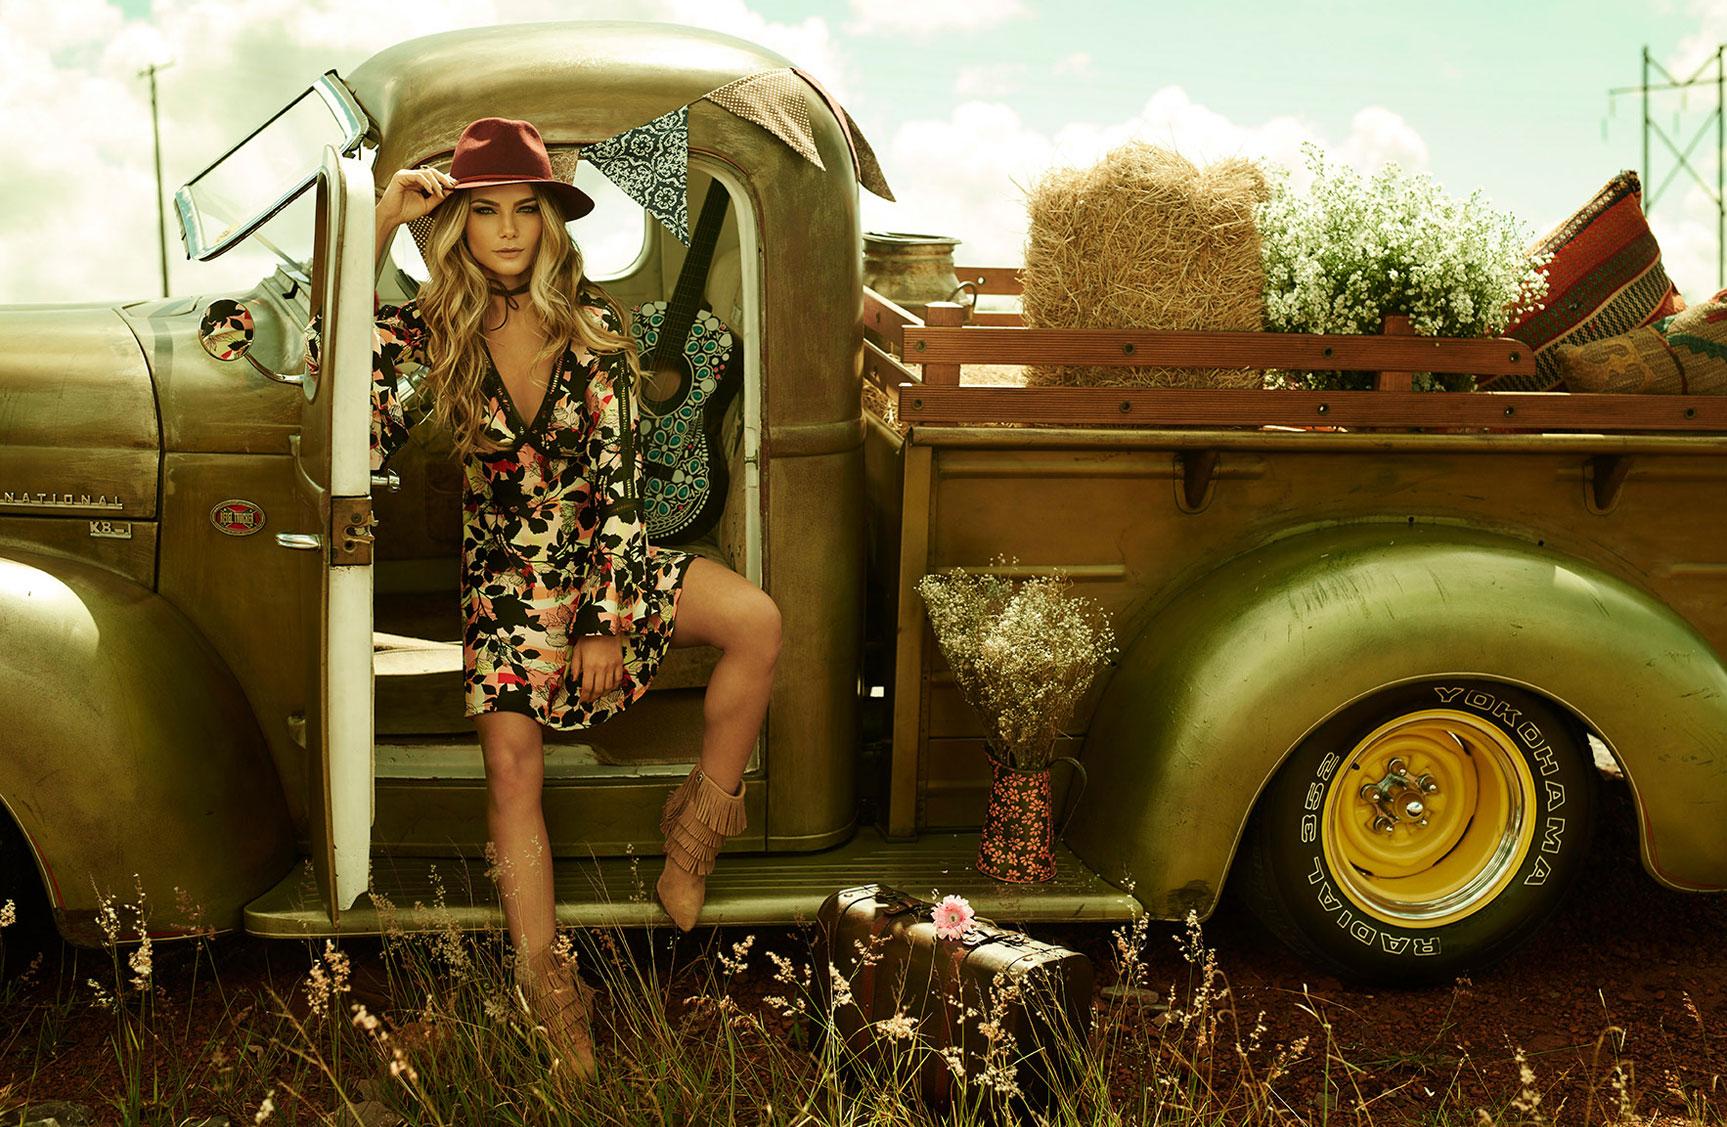 Карина Флорес в рекламной кампании модного бренда LOZZ / фото 03